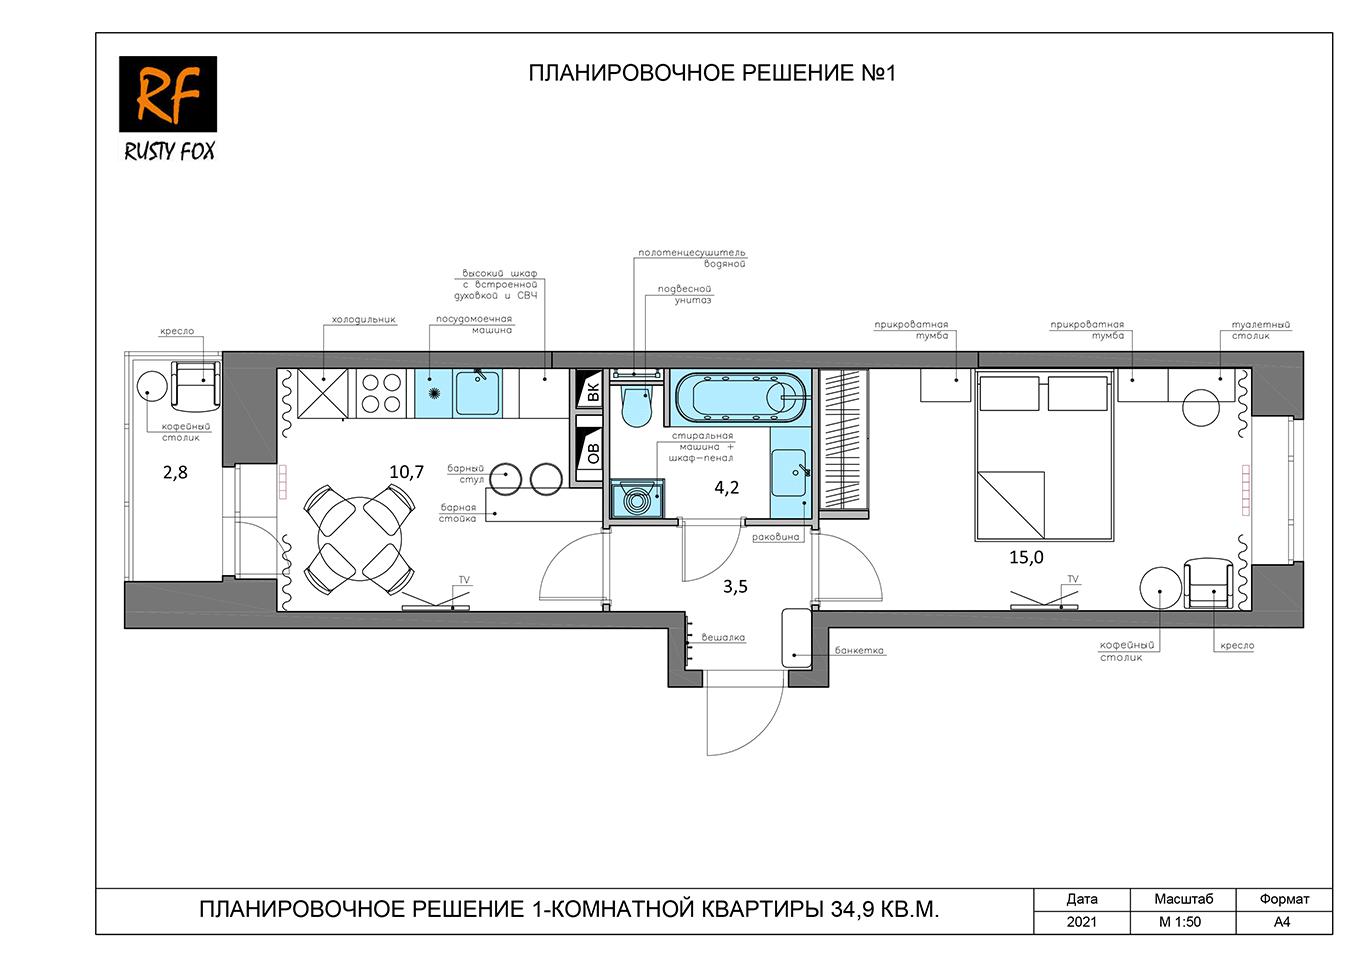 ЖК Люберцы корпус 52, секция 1. Планировочное решение №1 1-комнотной квартира 34,9 кв.м.